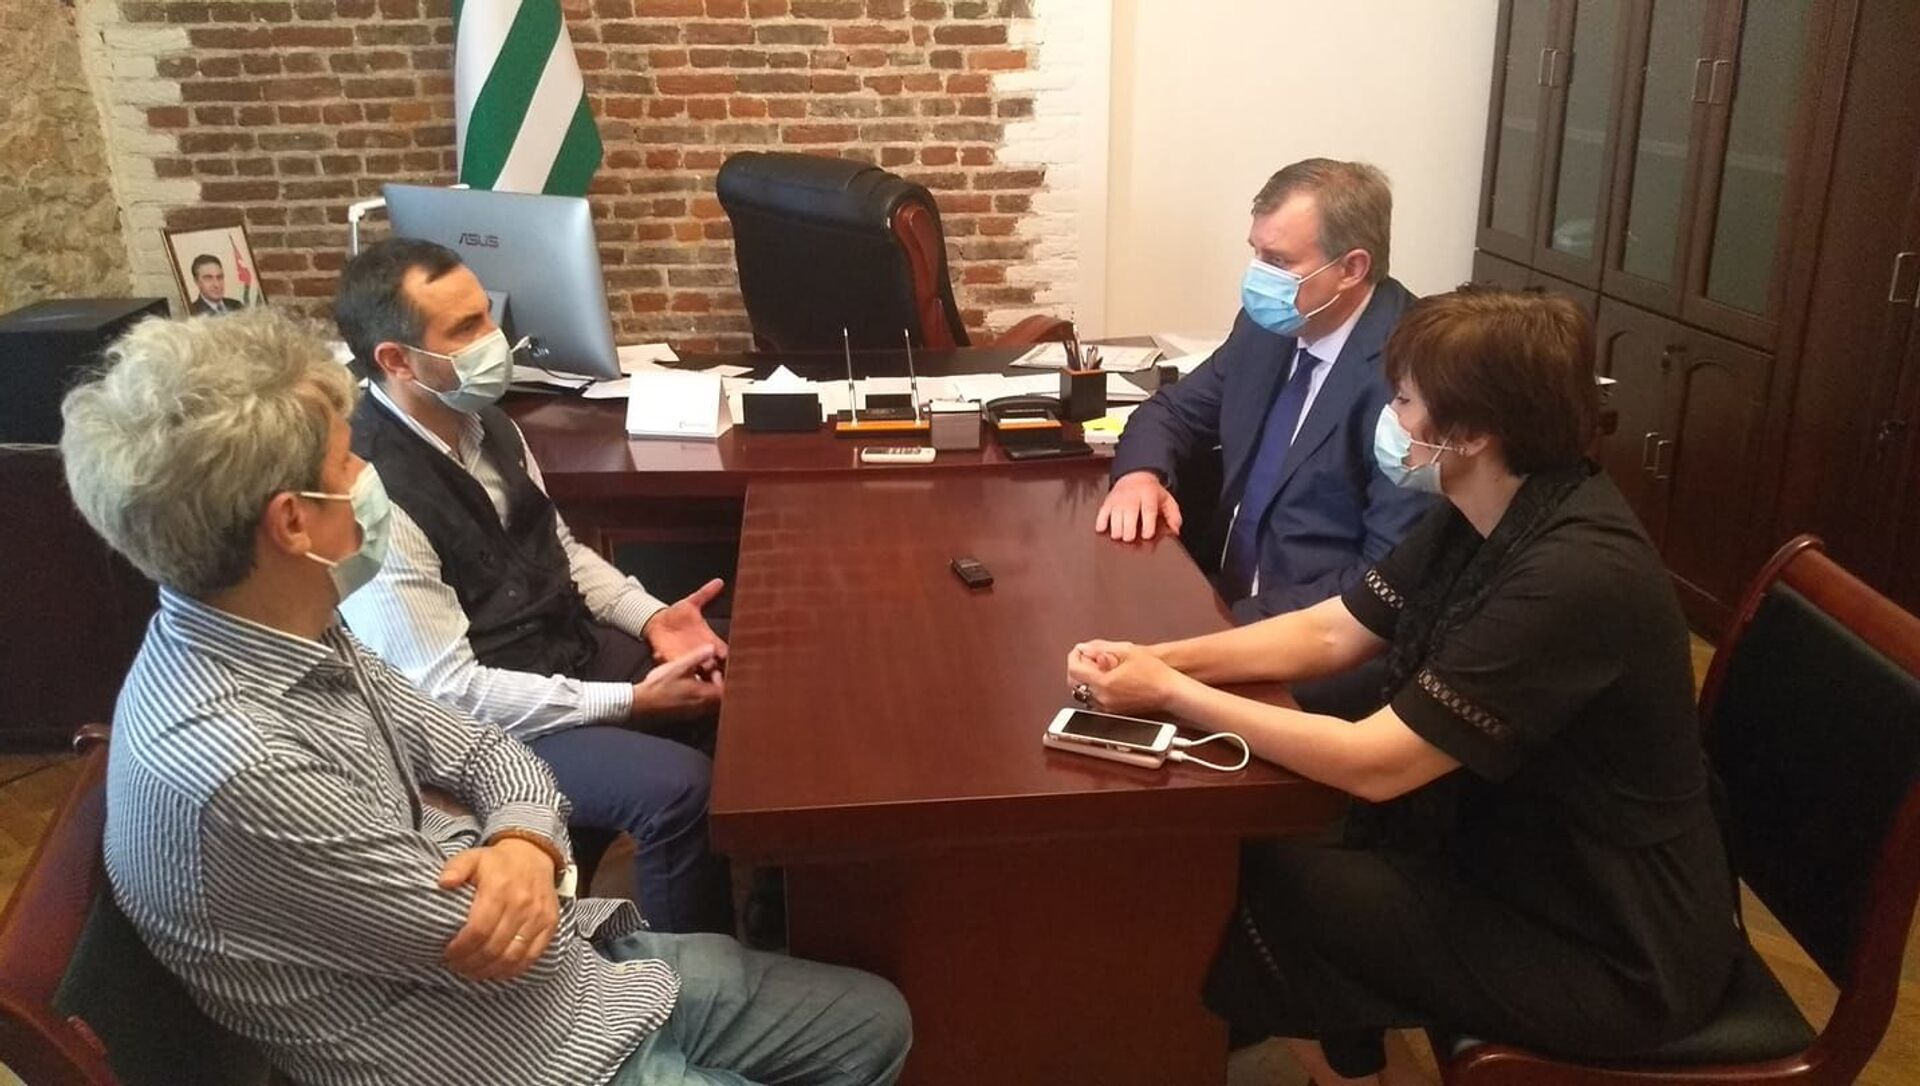 Министр здравоохранения Эдуард Бутба встретился с представителями Всемирной организации здравоохранения - Sputnik Абхазия, 1920, 16.06.2021